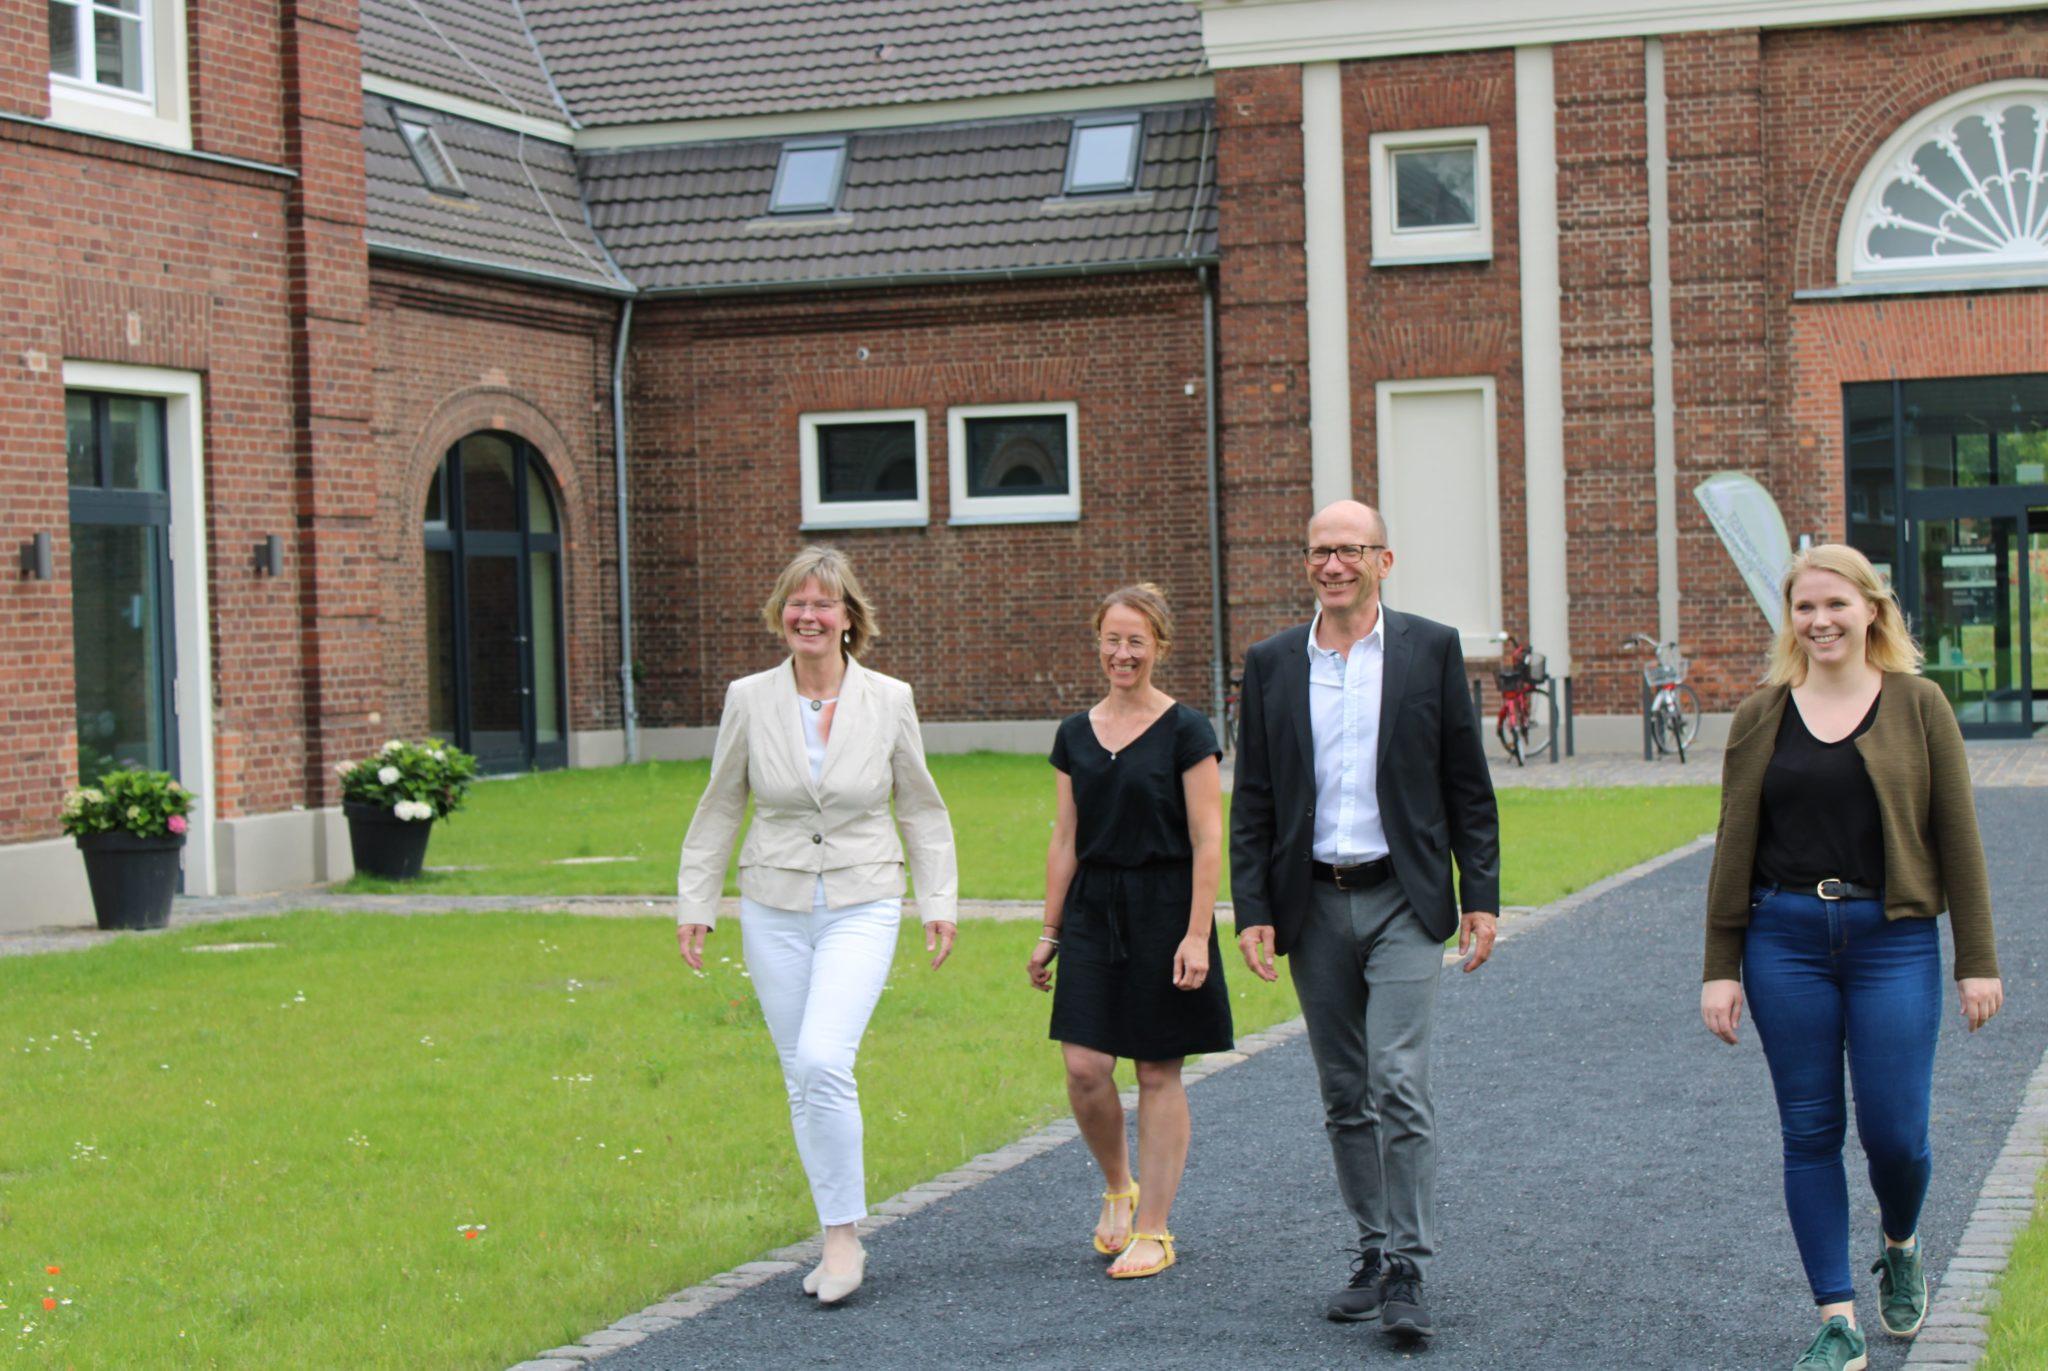 Kultursommer 2021 in Kamp-Lintfort